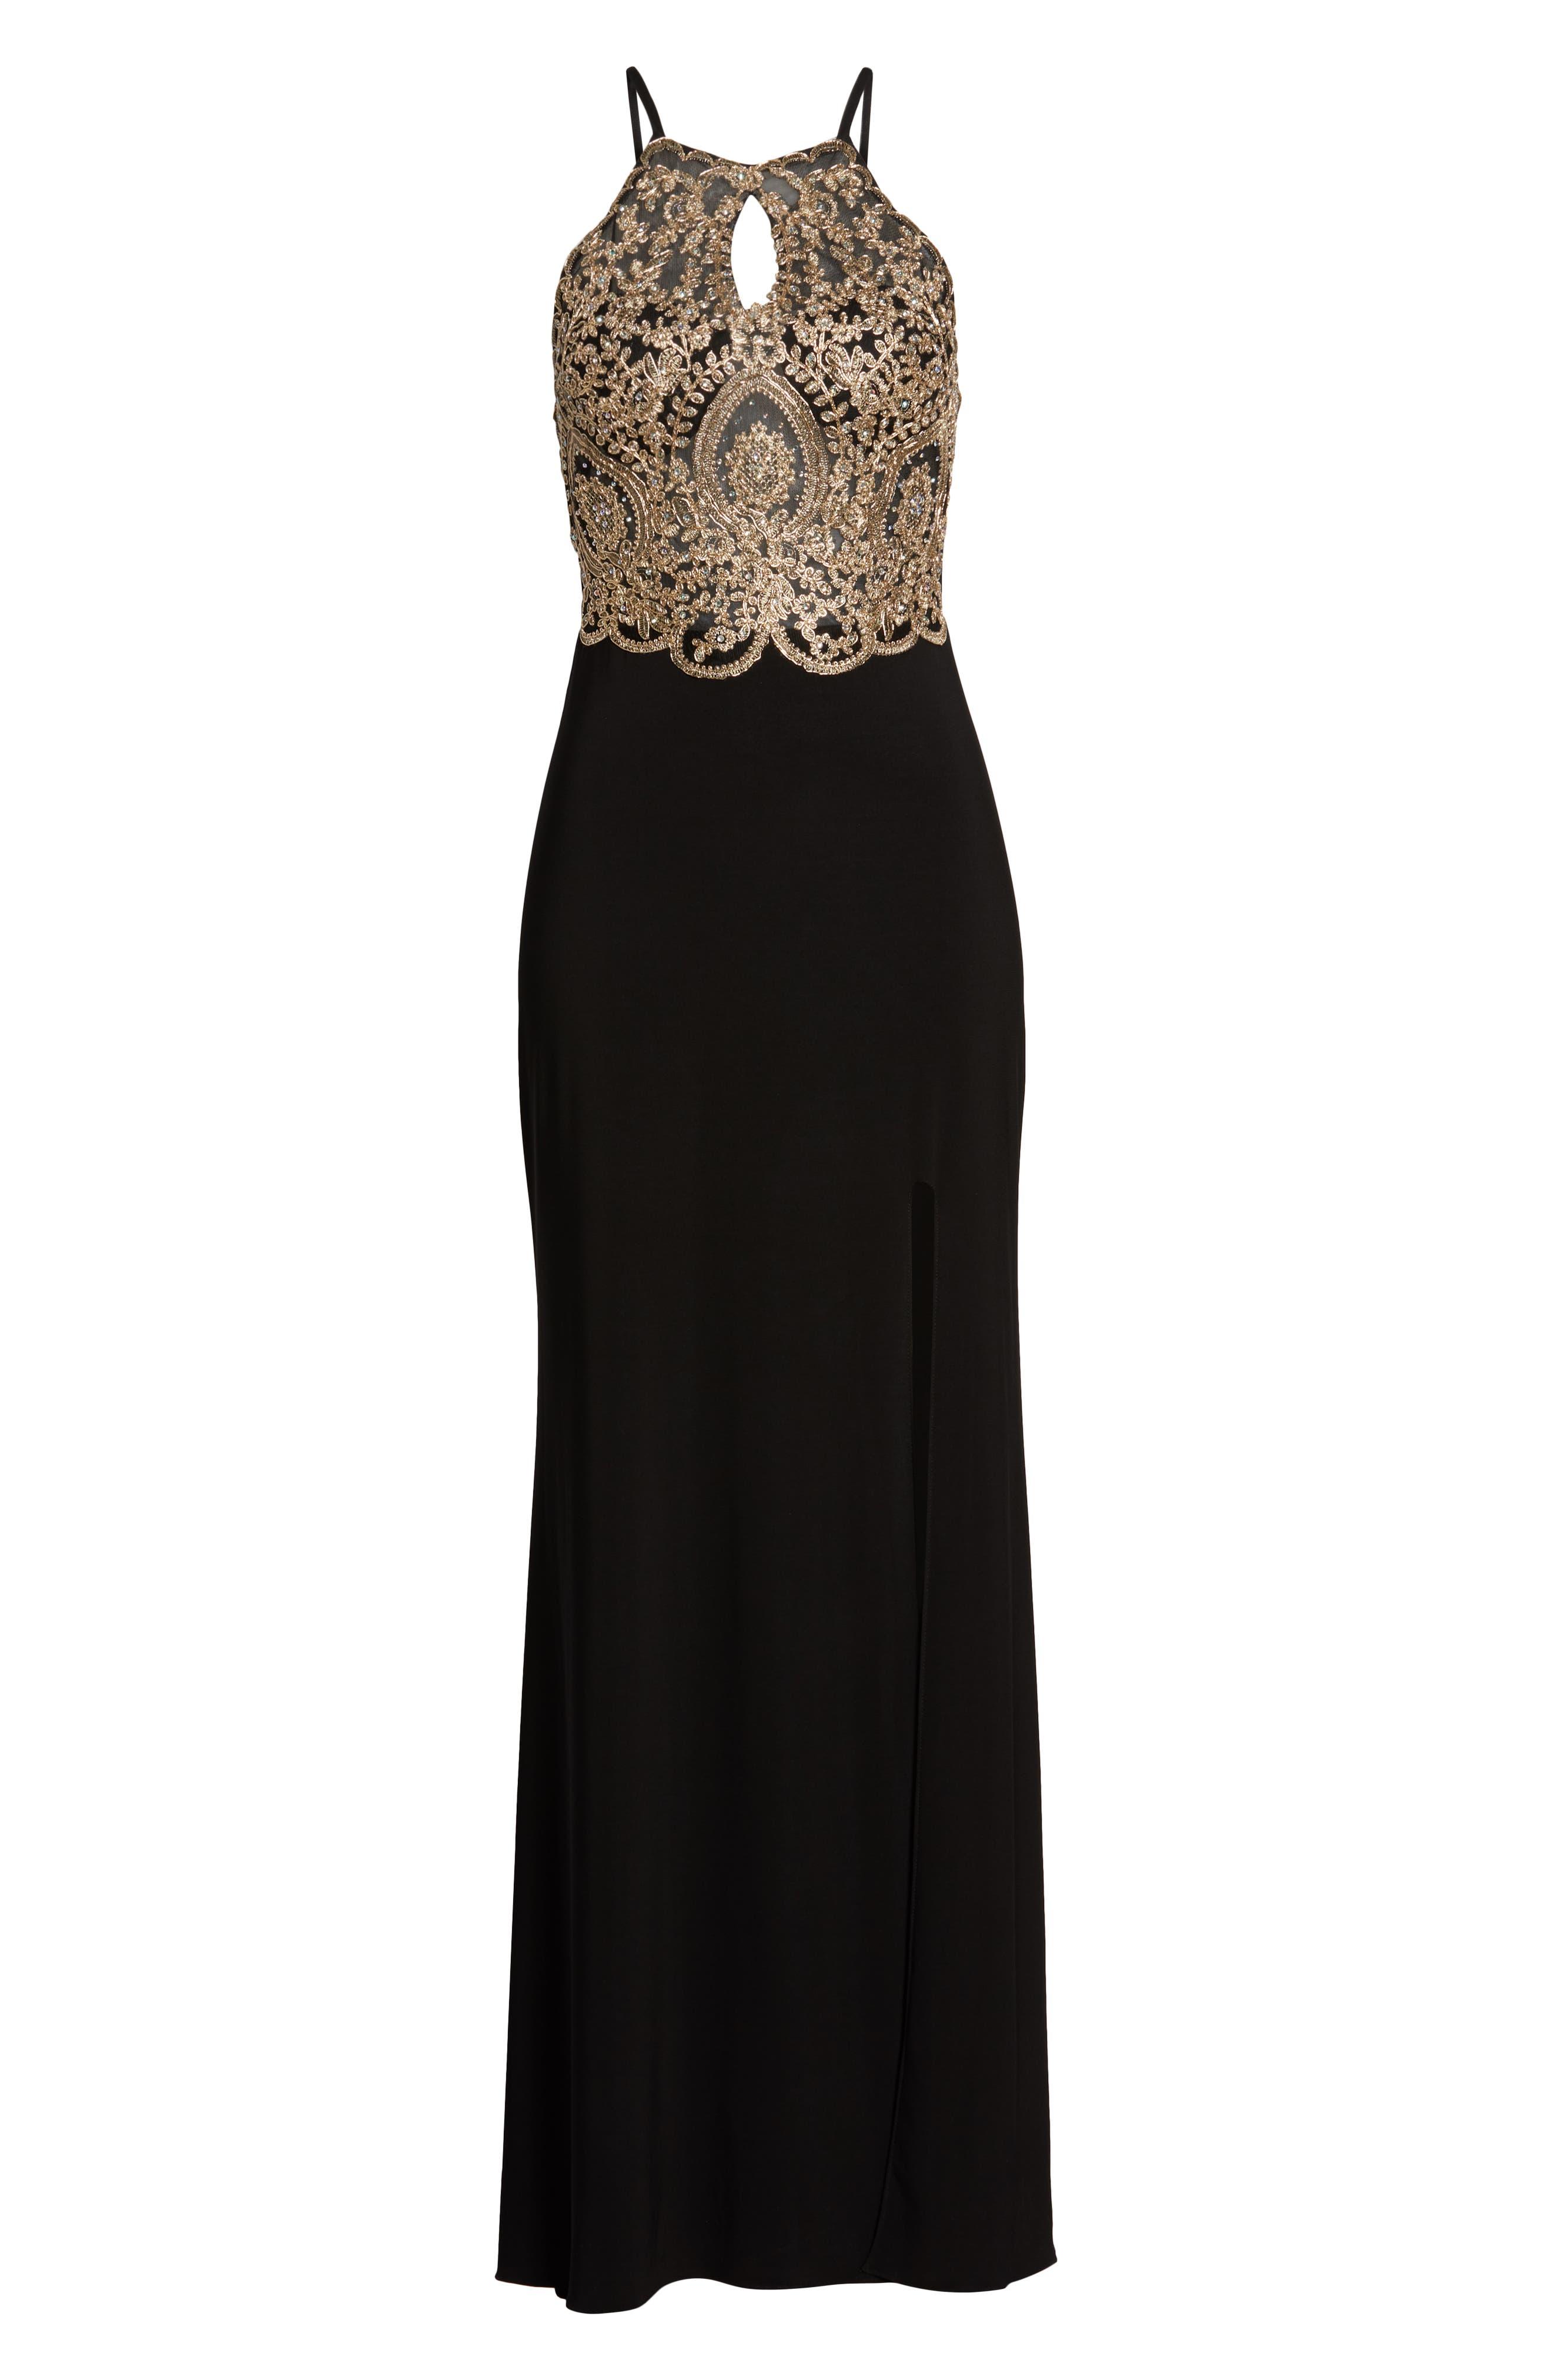 BLONDIE NITES,                             Embellished Appliqué Halter Gown,                             Alternate thumbnail 7, color,                             BLACK/ GOLD